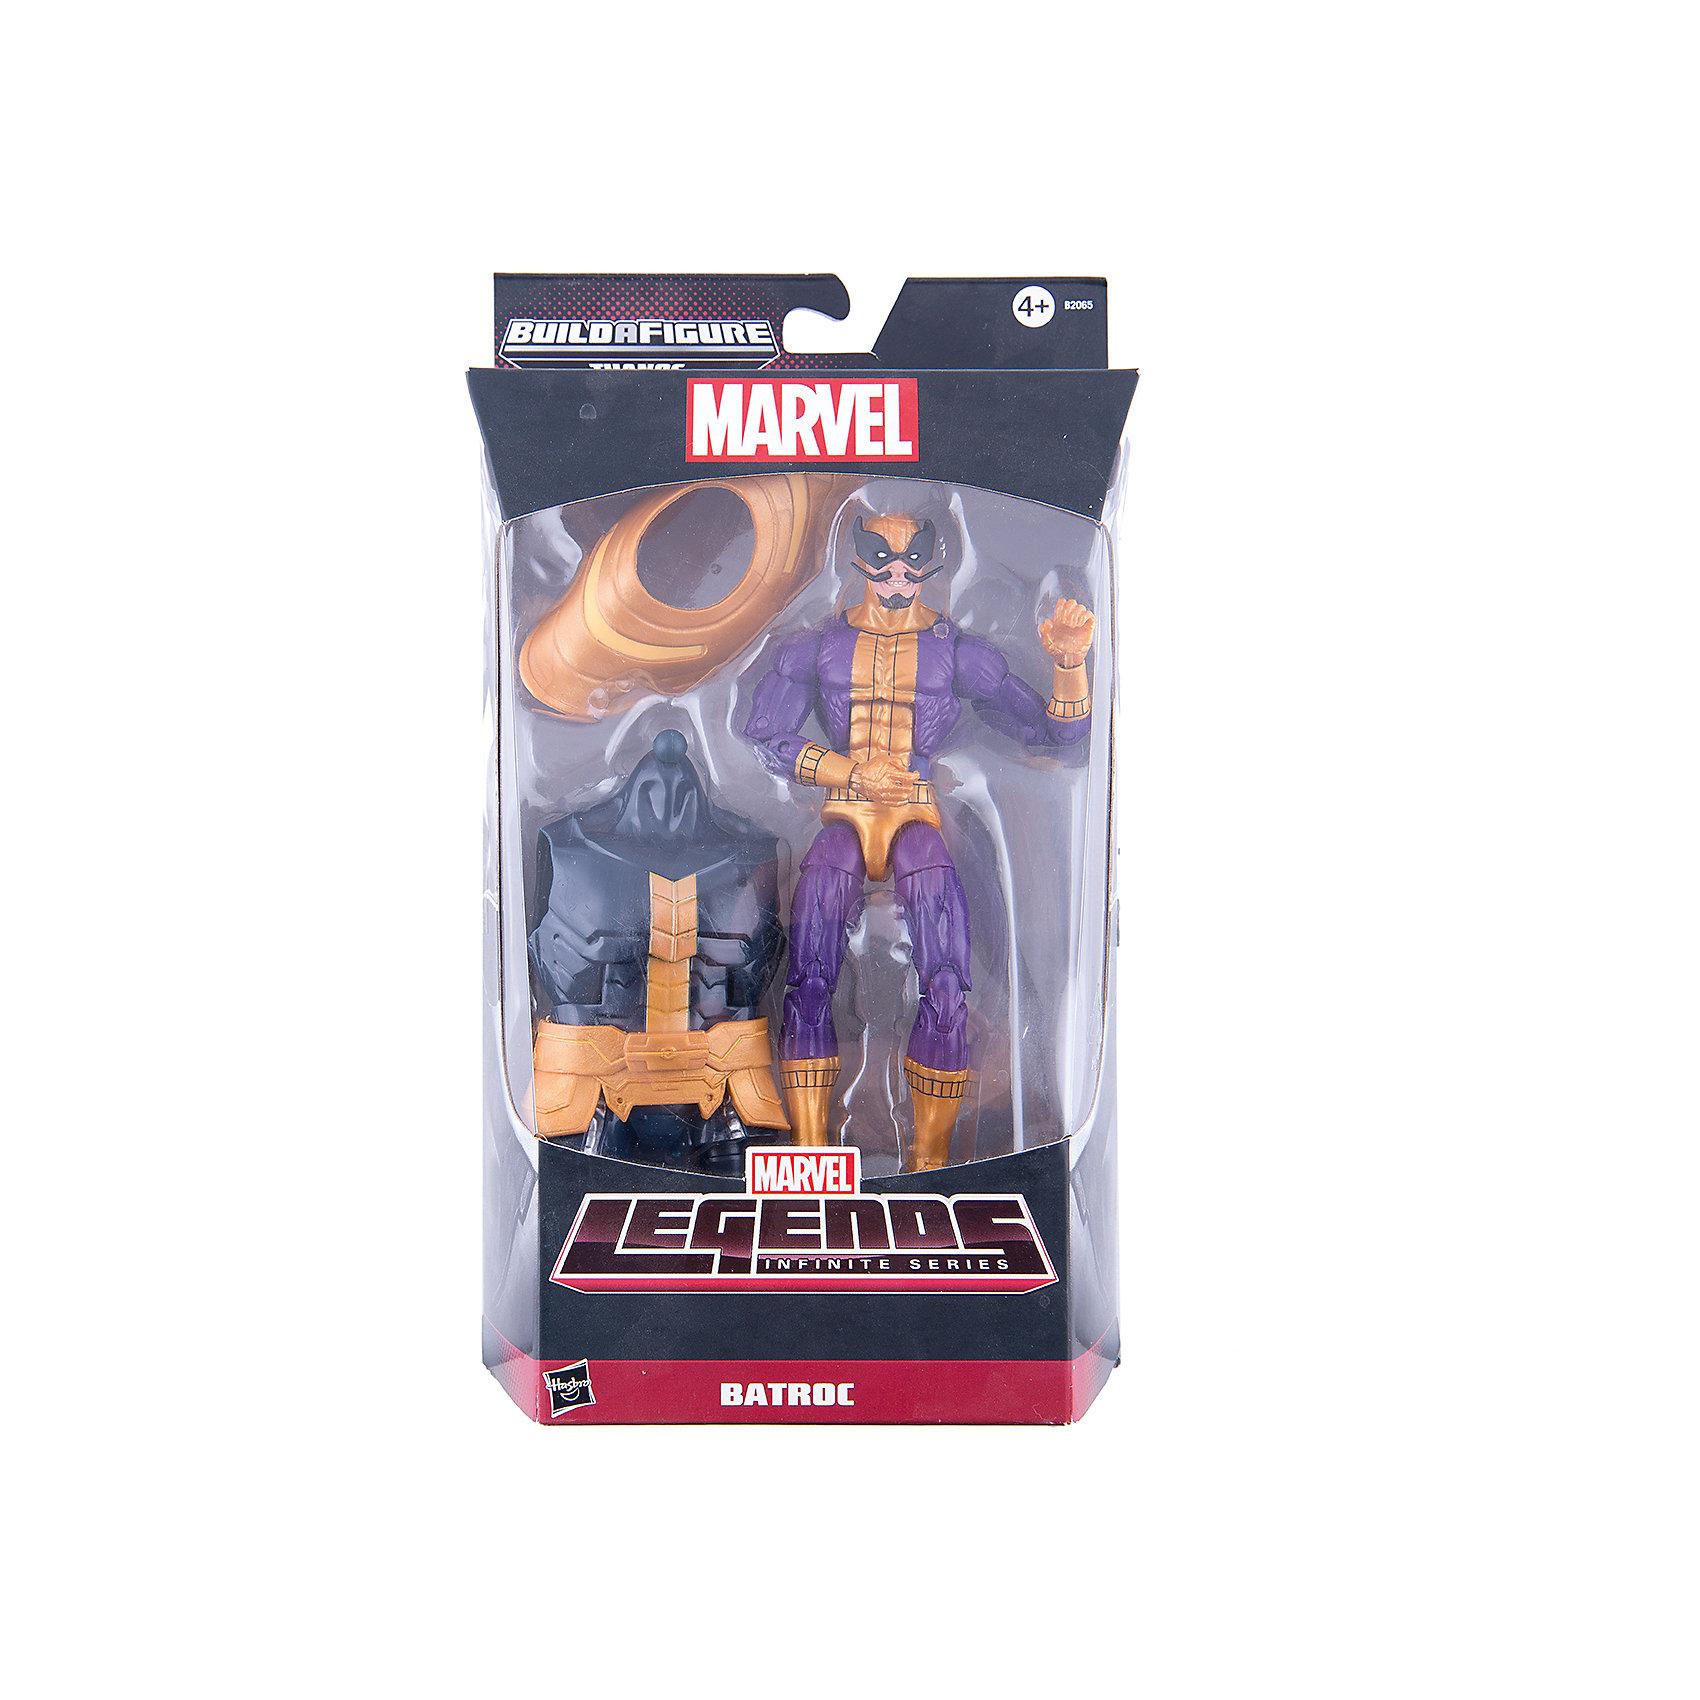 Коллекционная фигурка Марвел 15 см, Marvel Heroes, B2065/B0438Фигурка супер-злодея Батрока обязательно понравится всем поклонникам Marvel. Фигурка прекрасно детализирована, обладает большим числом точек артикуляции и подвижных соединений, что позволяет ей принимать разнообразные позы, открывая еще большие возможности для различных игровых сюжетов. Кроме того, в наборе - детали для сборки большого злодея Таноса. Собери все фигурки серии, собери фигурку Таноса и сразись с ним! <br><br>Дополнительная информация:<br><br>- Материал: пластик.<br>- Размер фигурки: 15 см.<br>- Подвижные конечности.<br>- Комплектация: фигурка Батрока, аксессуары, детали для фигурки Таноса.<br><br>Коллекционную фигурку Марвел 15 см, Marvel Heroes, можно купить в нашем магазине.<br><br>Ширина мм: 64<br>Глубина мм: 152<br>Высота мм: 267<br>Вес г: 220<br>Возраст от месяцев: 48<br>Возраст до месяцев: 192<br>Пол: Мужской<br>Возраст: Детский<br>SKU: 4563955